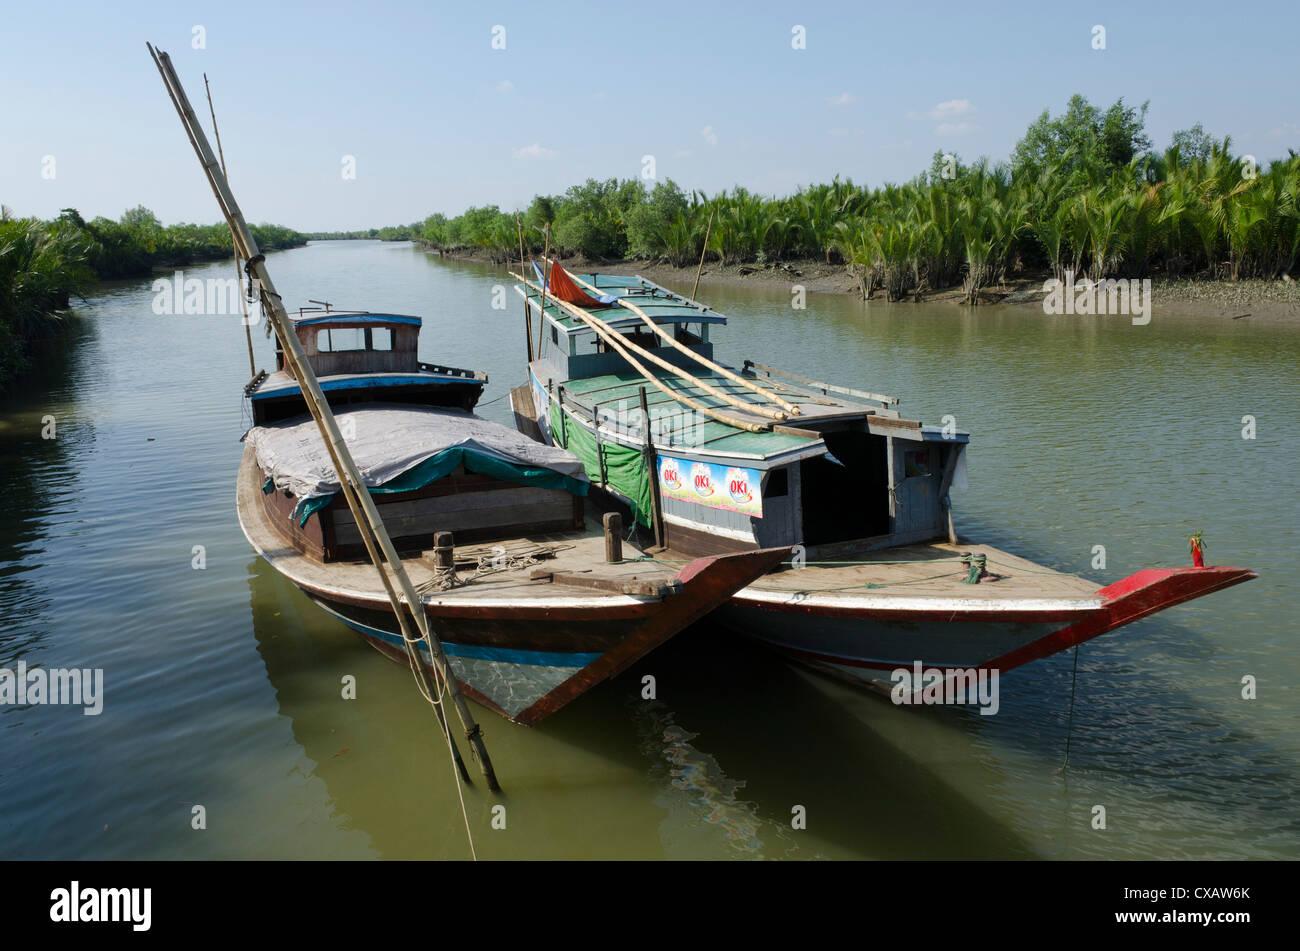 Bateaux dans une voie navigable avec arbres de mangrove, Delta de l'Irrawaddy, le Myanmar (Birmanie), l'Asie Photo Stock